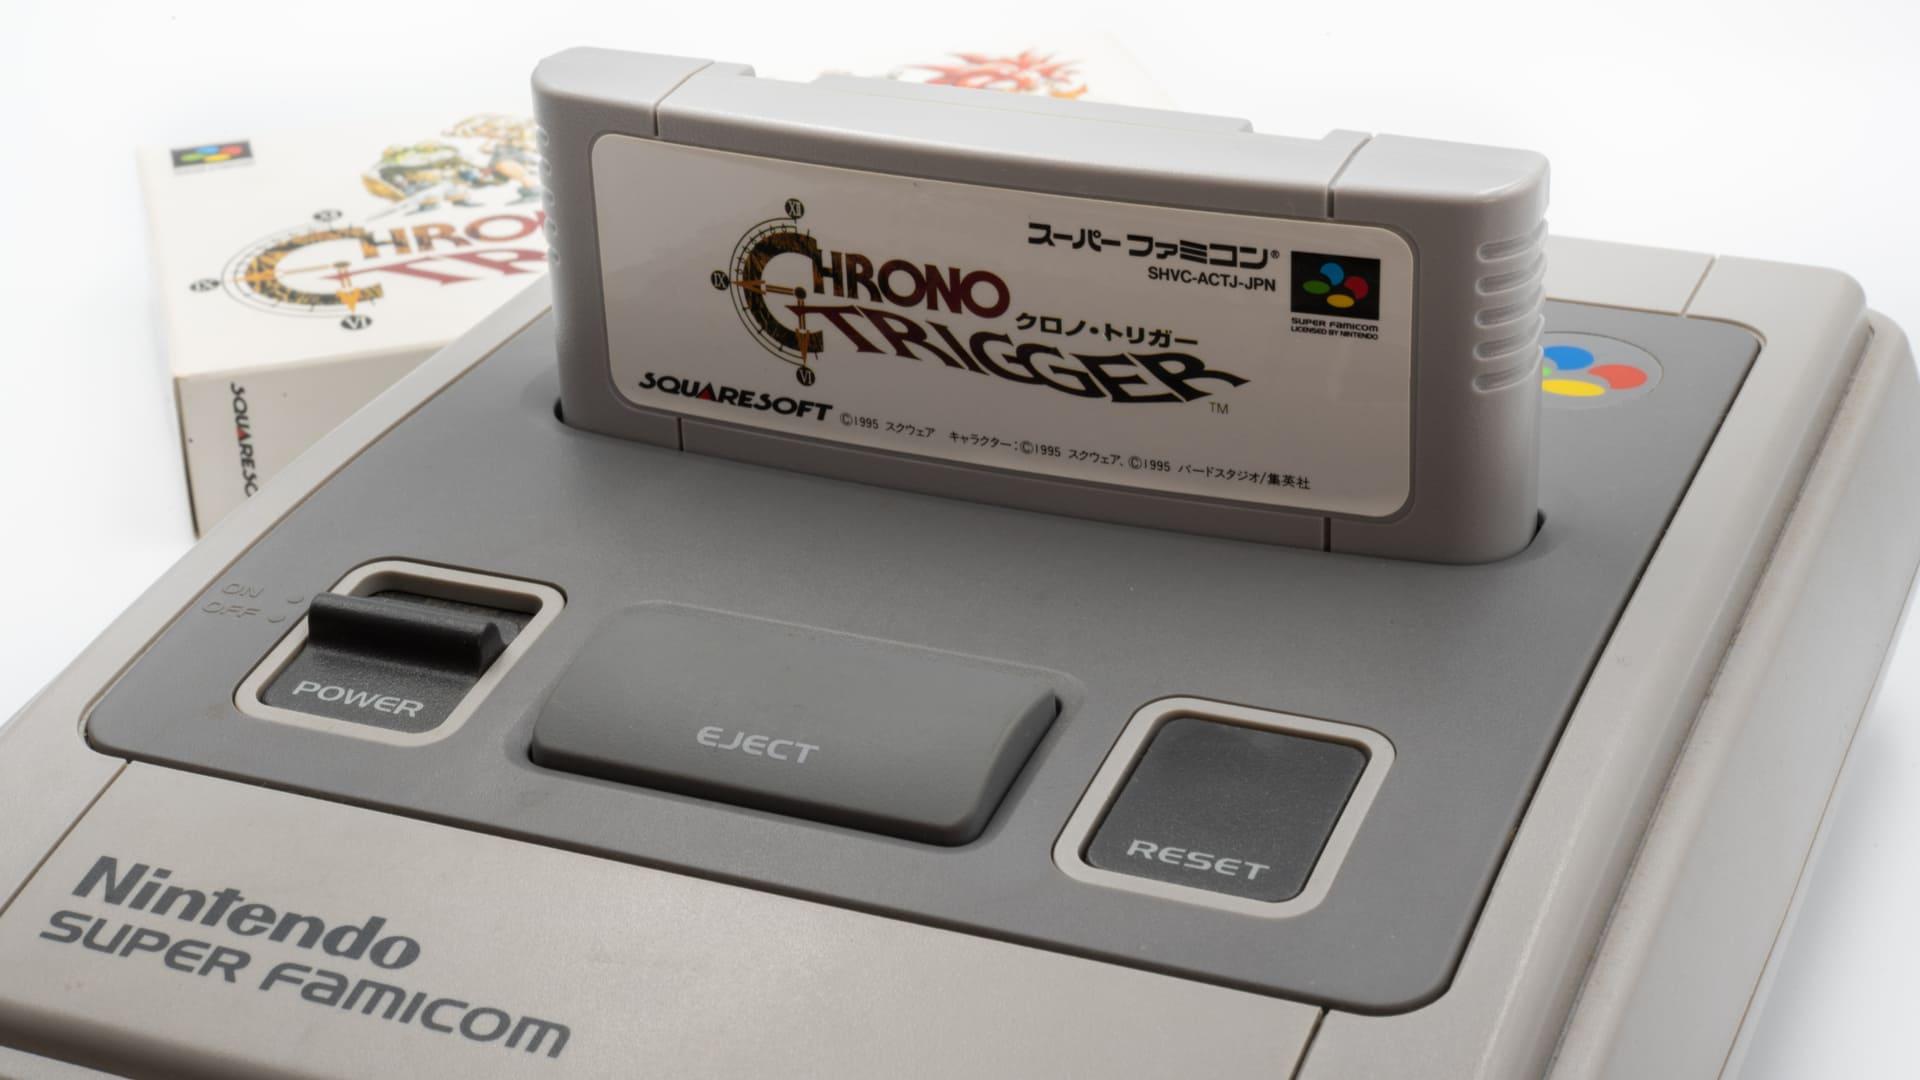 Chrono Trigger é um famoso RPG feito para o Super Nintendo (Foto: Shutterstock/Matthieu Tuffet)